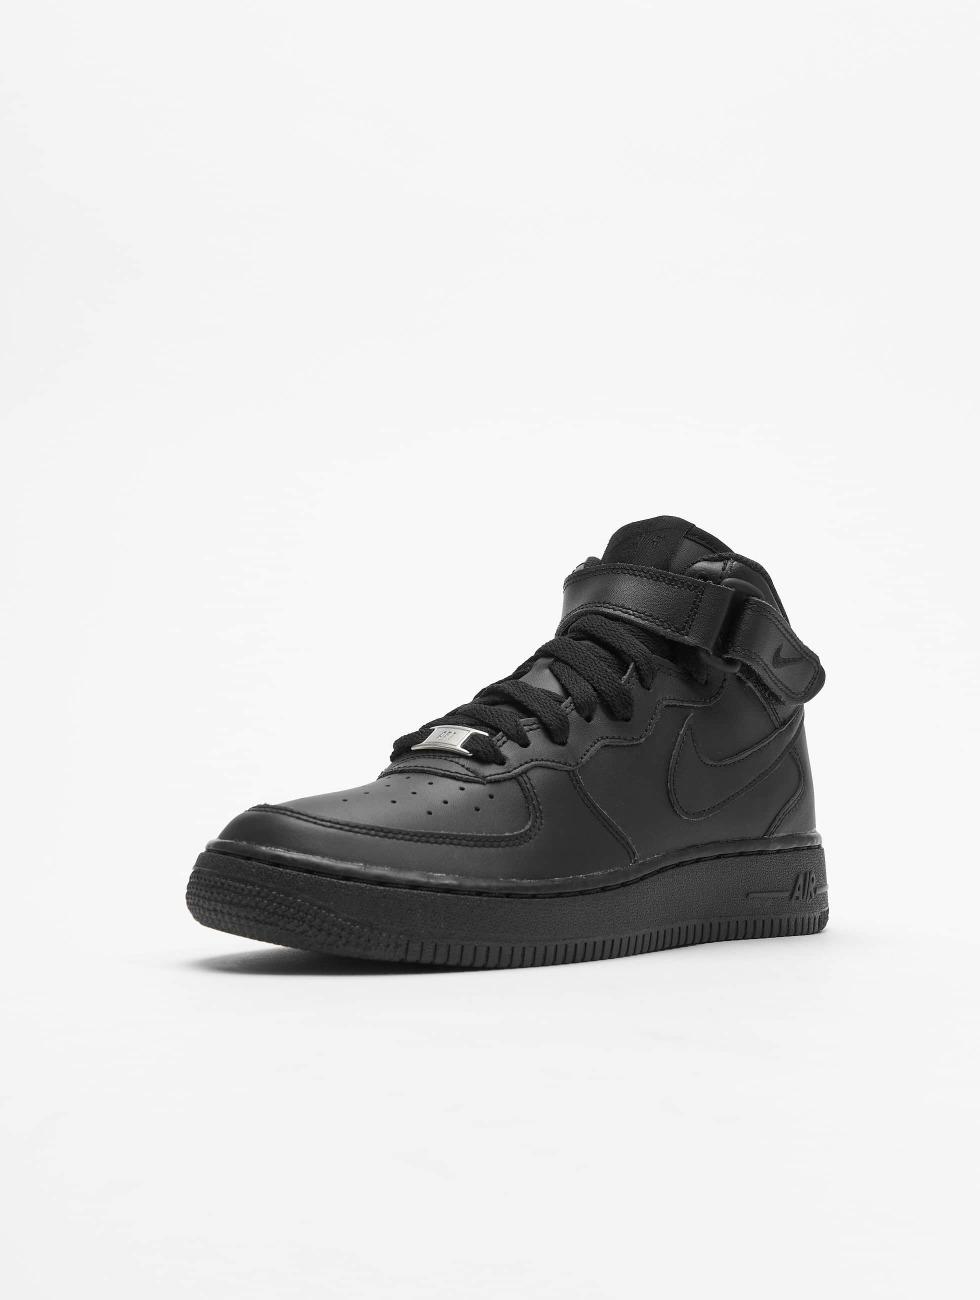 Nike Chaussure / Basket En Noir 52705 Livraison Gratuite Boutique Offre Nicekicks En Ligne Acheter Des Sites Web À Bas Prix 0DW293TiC